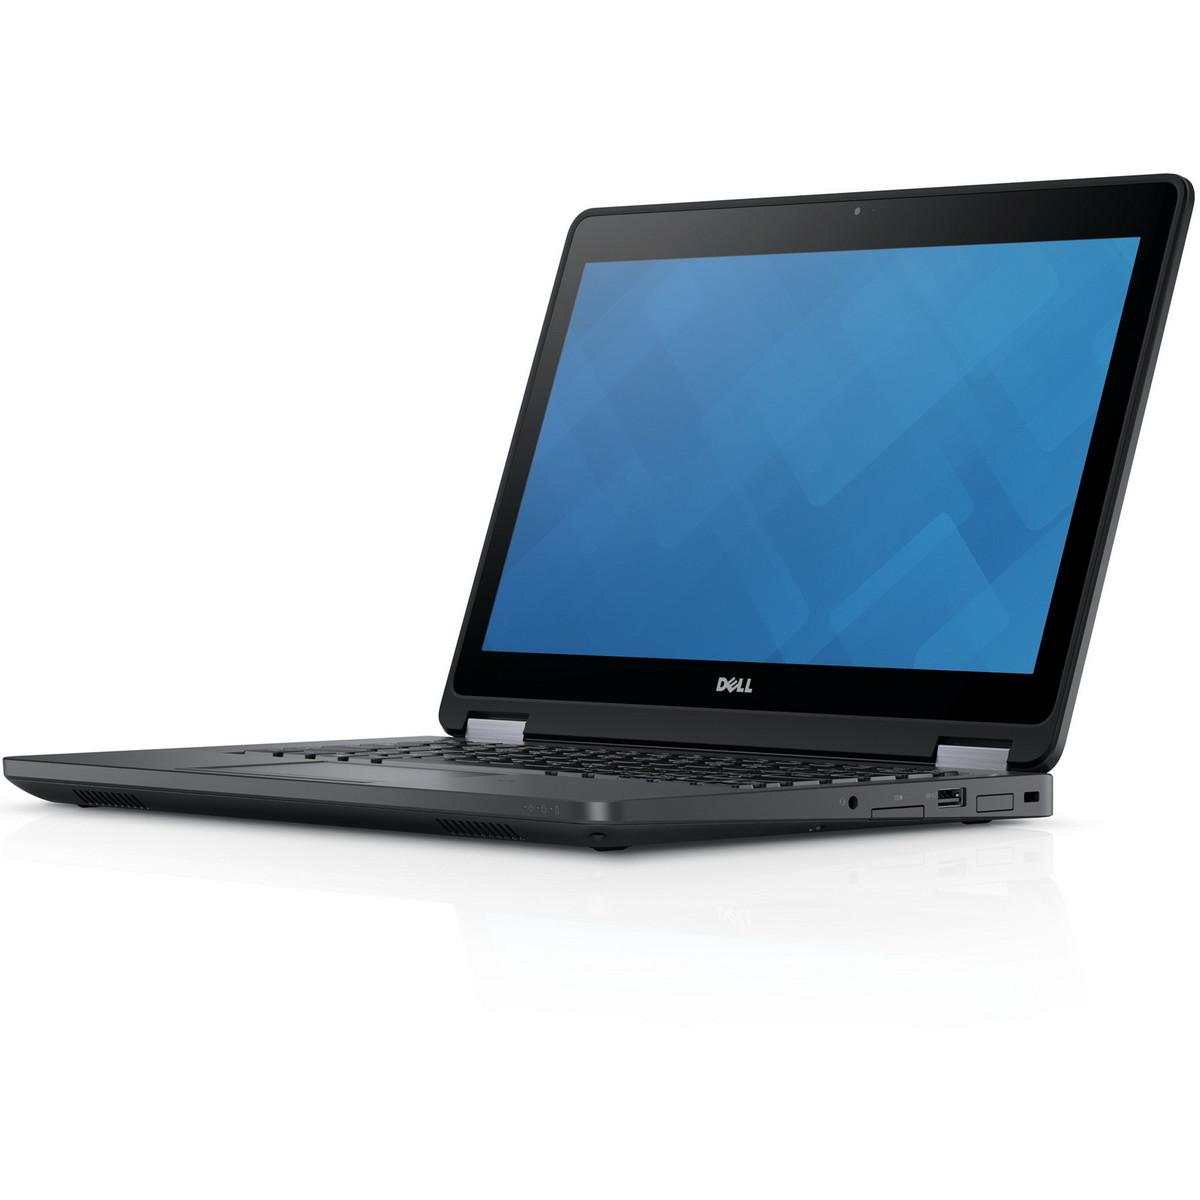 Nb Dell Latitude 5270 I5-6300U 2.4Ghz|Hd500Gb|4Gb|12|Win10 Pro|Preto